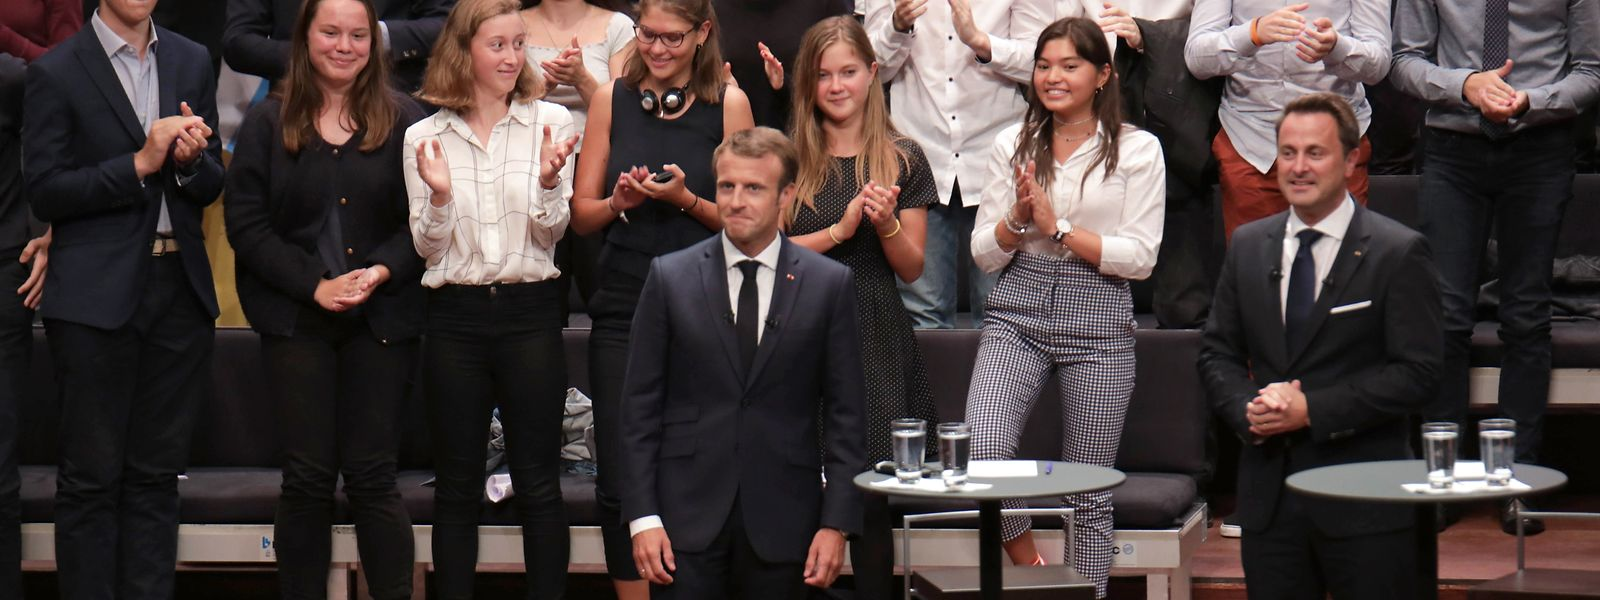 Xavier Bettel und Emmanuel Macron diskutieren am Donnerstag mit Gästen über Europa.